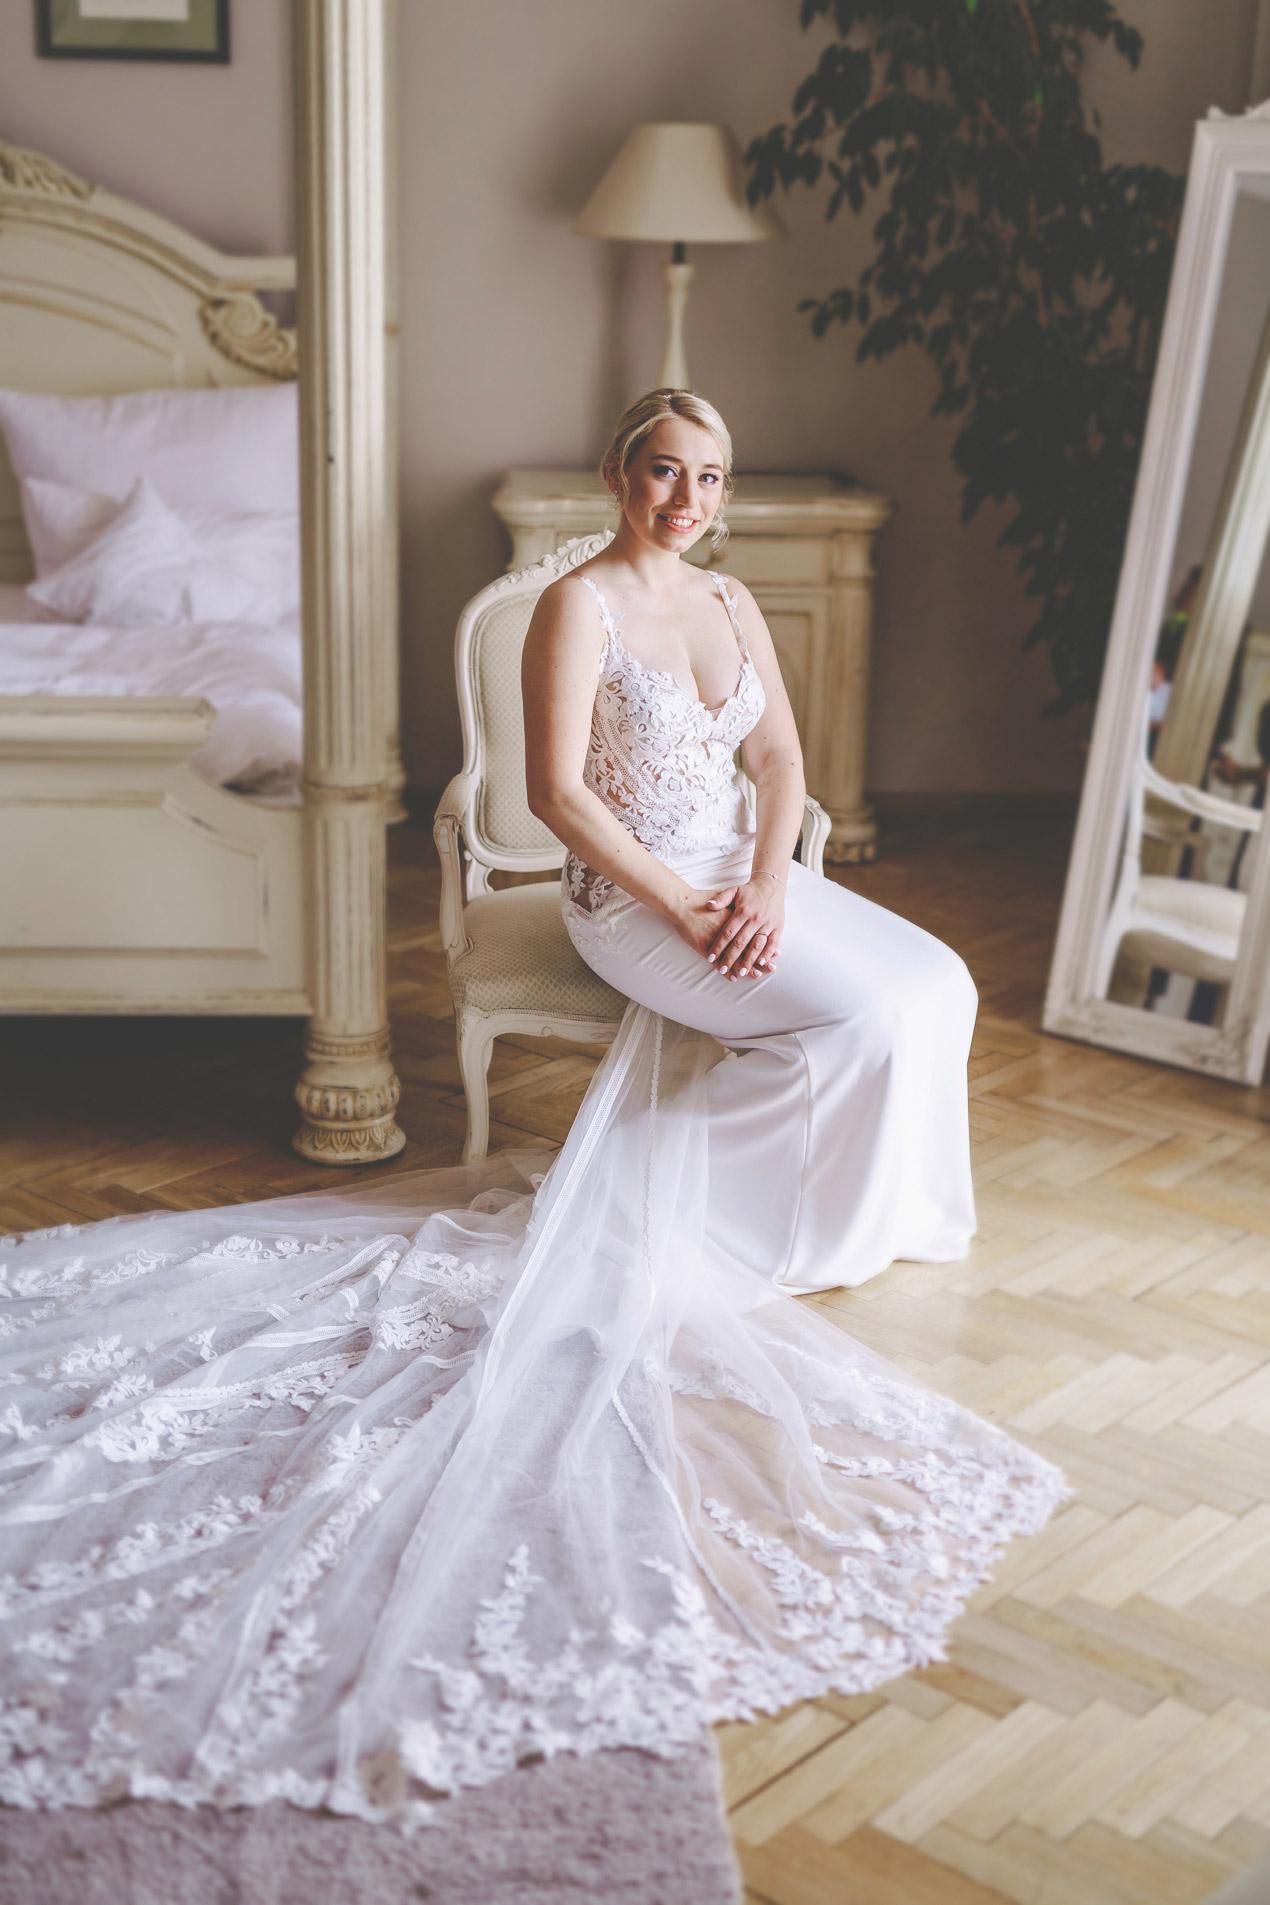 wedding photo, fotografia ślubna, panna młoda, zdjęcia ślubne, fotograf na ślub, ślub w pałacu